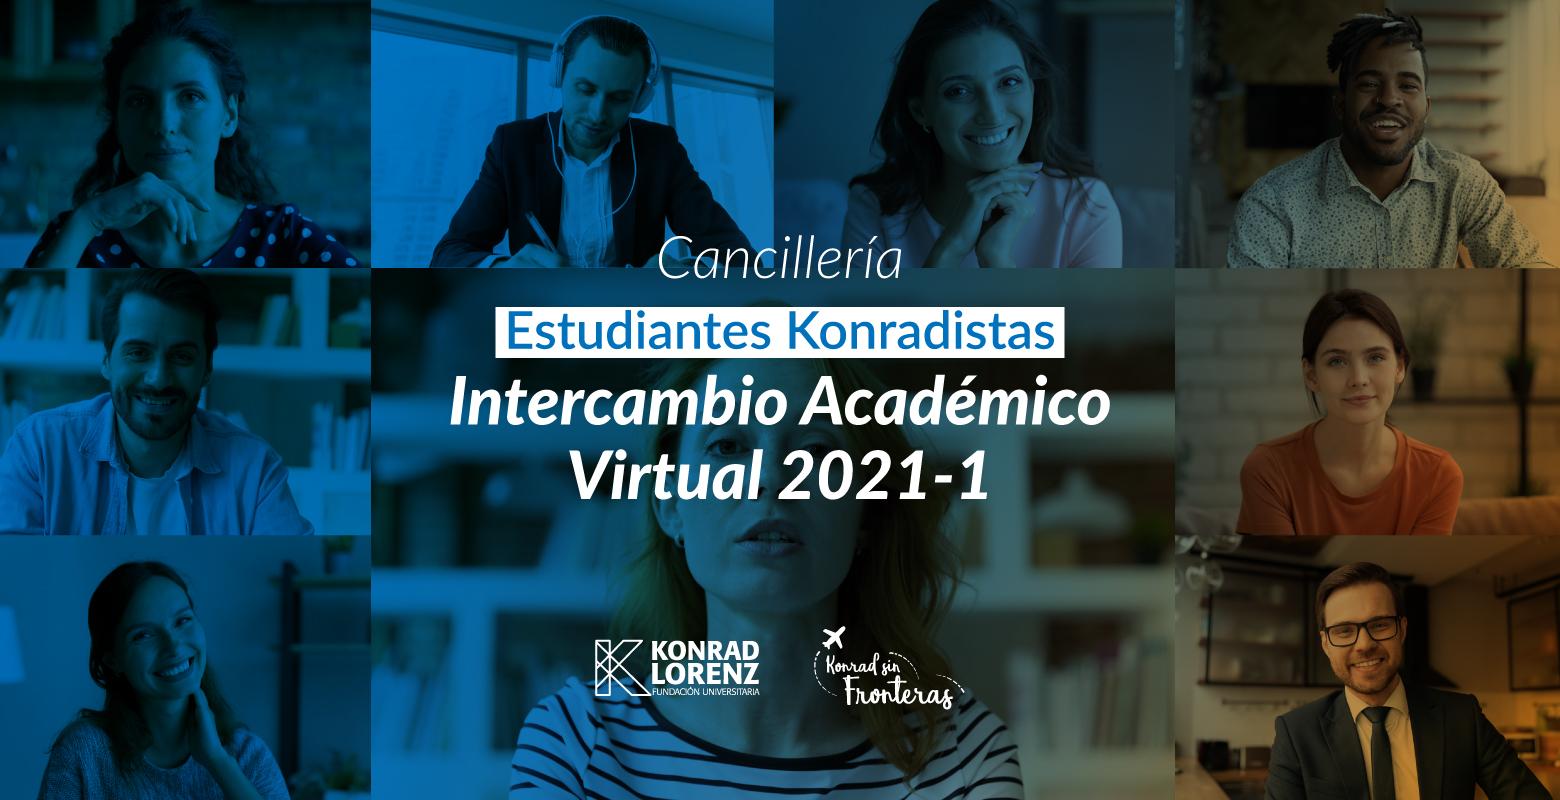 Estudiantes Konradistas de Intercambio Académico Virtual 2021-1